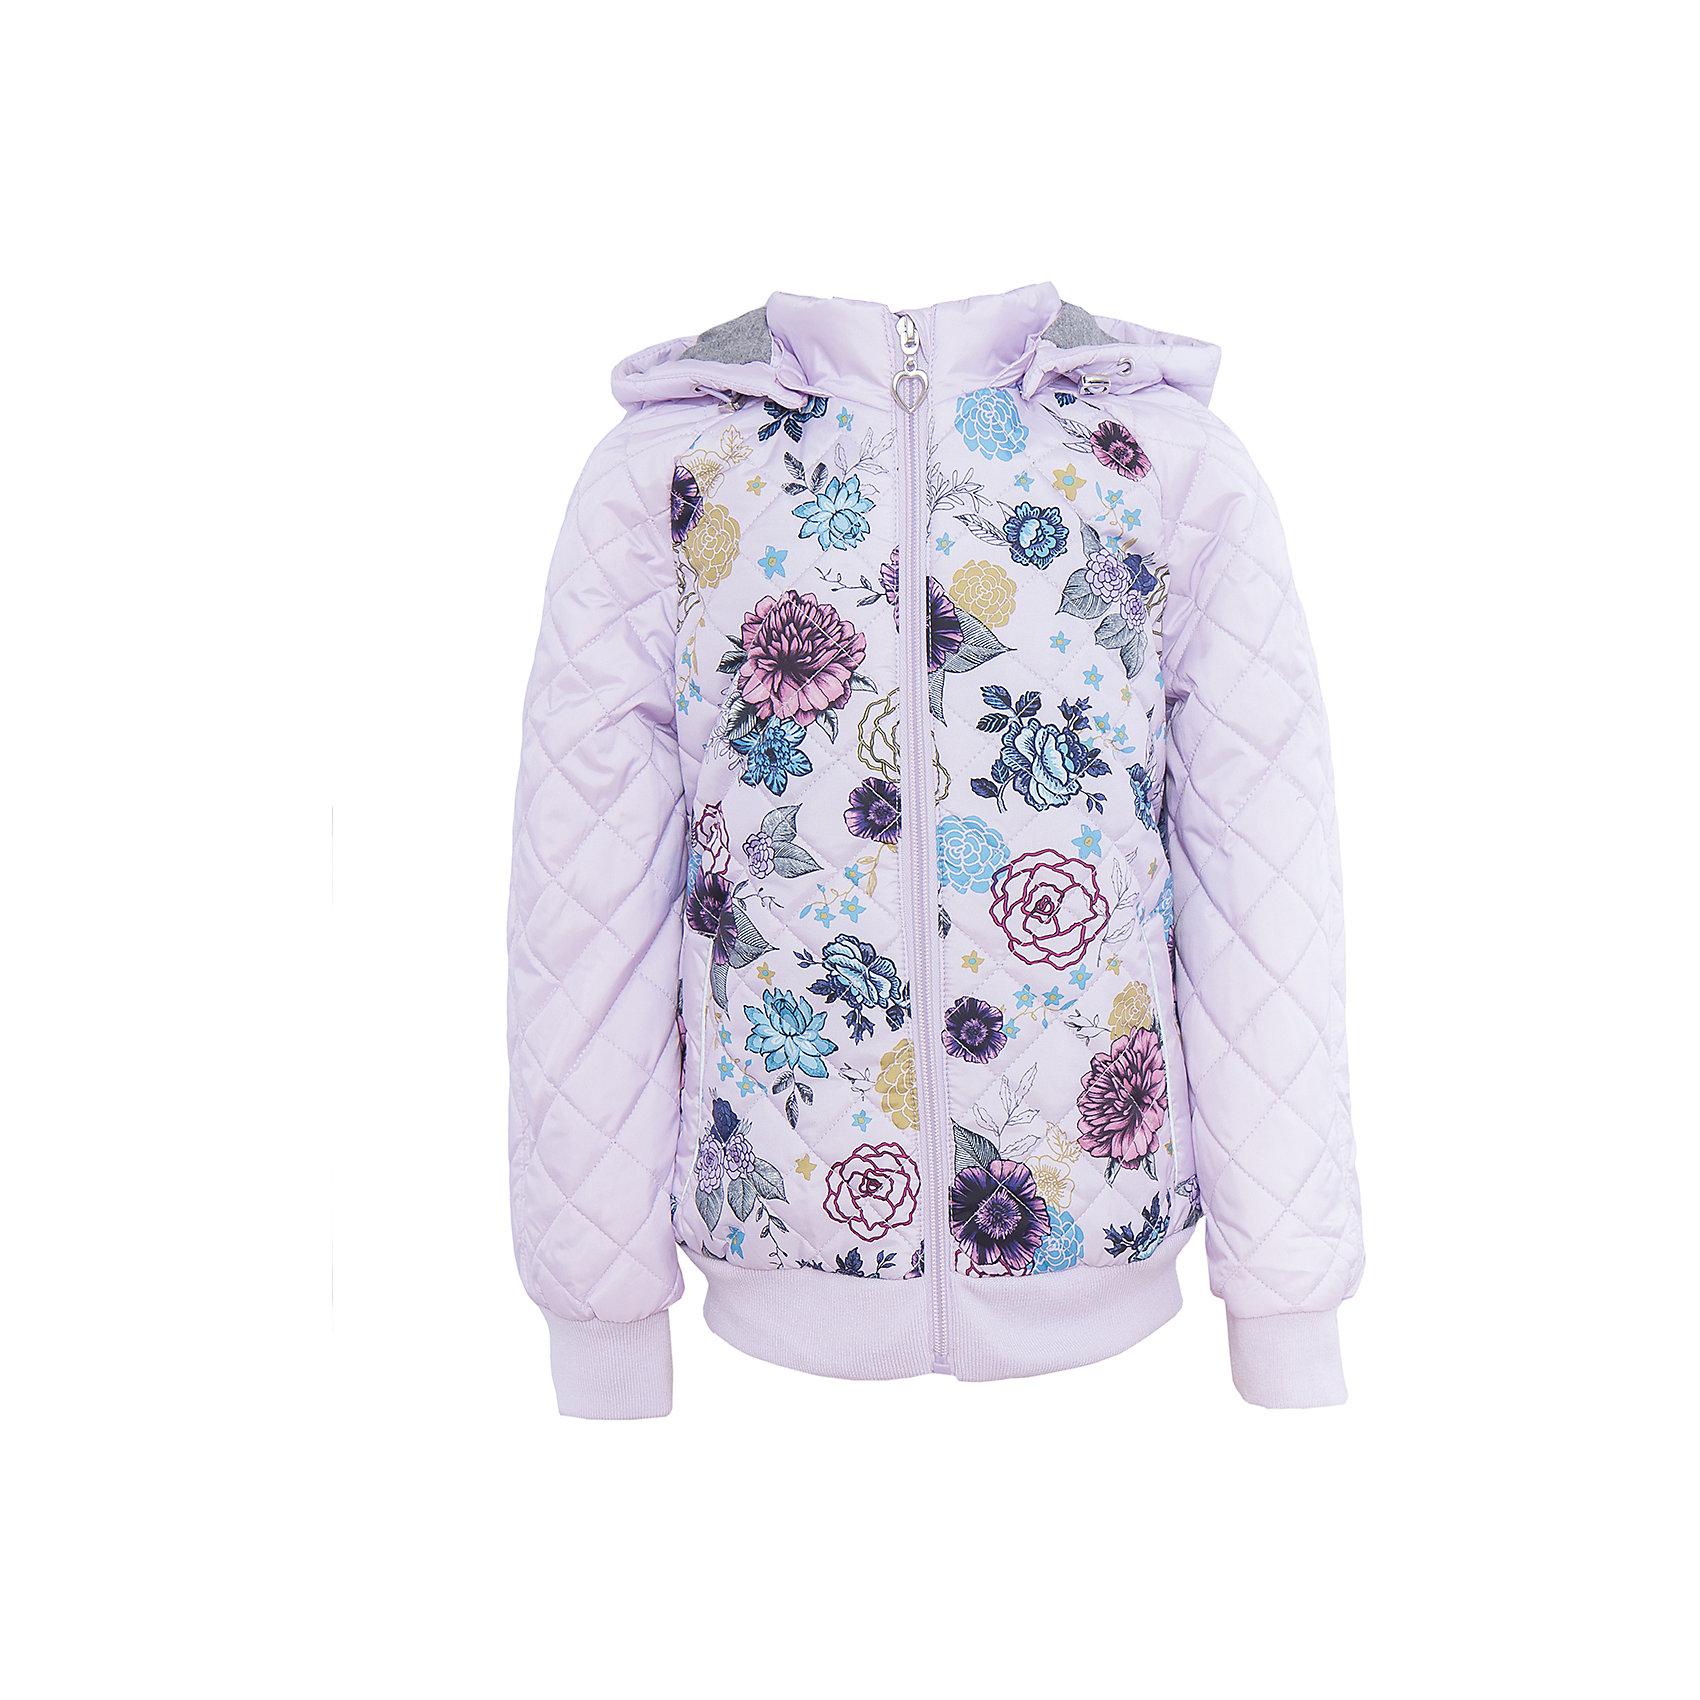 Куртка для девочки SELAВерхняя одежда<br>Характеристики товара:<br><br>• цвет: бледно-розовый<br>• состав: 100% полиэстер<br>• температурный режим: от +5°до +15°С<br>• подкладка: текстиль, хлопок<br>• утемлитель: полиэстер<br>• сезон: весна-лето<br>• покрой: полуприлегающий<br>• молния<br>• принт<br>• манжеты<br>• капюшон отстегивается<br>• карманы<br>• коллекция весна-лето 2017<br>• страна бренда: Российская Федерация<br>• страна изготовитель: Китай<br><br>Вещи из новой коллекции SELA продолжают радовать удобством! Легкая куртка для девочки поможет разнообразить гардероб ребенка и обеспечить комфорт. Она отлично сочетается с юбками и брюками. Очень стильно смотрится!<br><br>Одежда, обувь и аксессуары от российского бренда SELA не зря пользуются большой популярностью у детей и взрослых! Модели этой марки - стильные и удобные, цена при этом неизменно остается доступной. Для их производства используются только безопасные, качественные материалы и фурнитура. Новая коллекция поддерживает хорошие традиции бренда! <br><br>Куртку для девочки от популярного бренда SELA (СЕЛА) можно купить в нашем интернет-магазине.<br><br>Ширина мм: 356<br>Глубина мм: 10<br>Высота мм: 245<br>Вес г: 519<br>Цвет: лиловый<br>Возраст от месяцев: 84<br>Возраст до месяцев: 96<br>Пол: Женский<br>Возраст: Детский<br>Размер: 128,140,152,116<br>SKU: 5305103